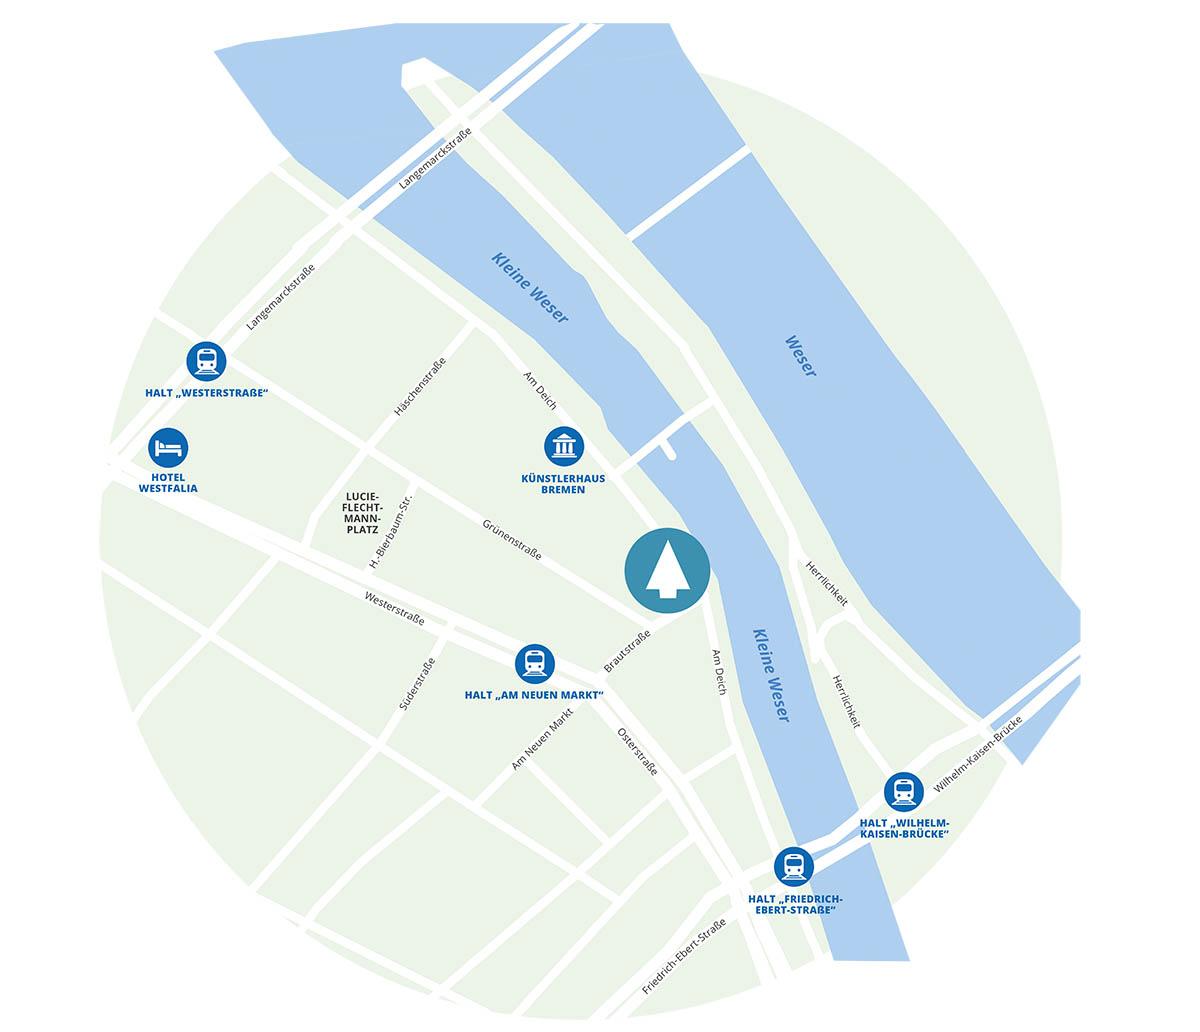 detaillierte Anfahrtskarte zu lindbaum in Bremen